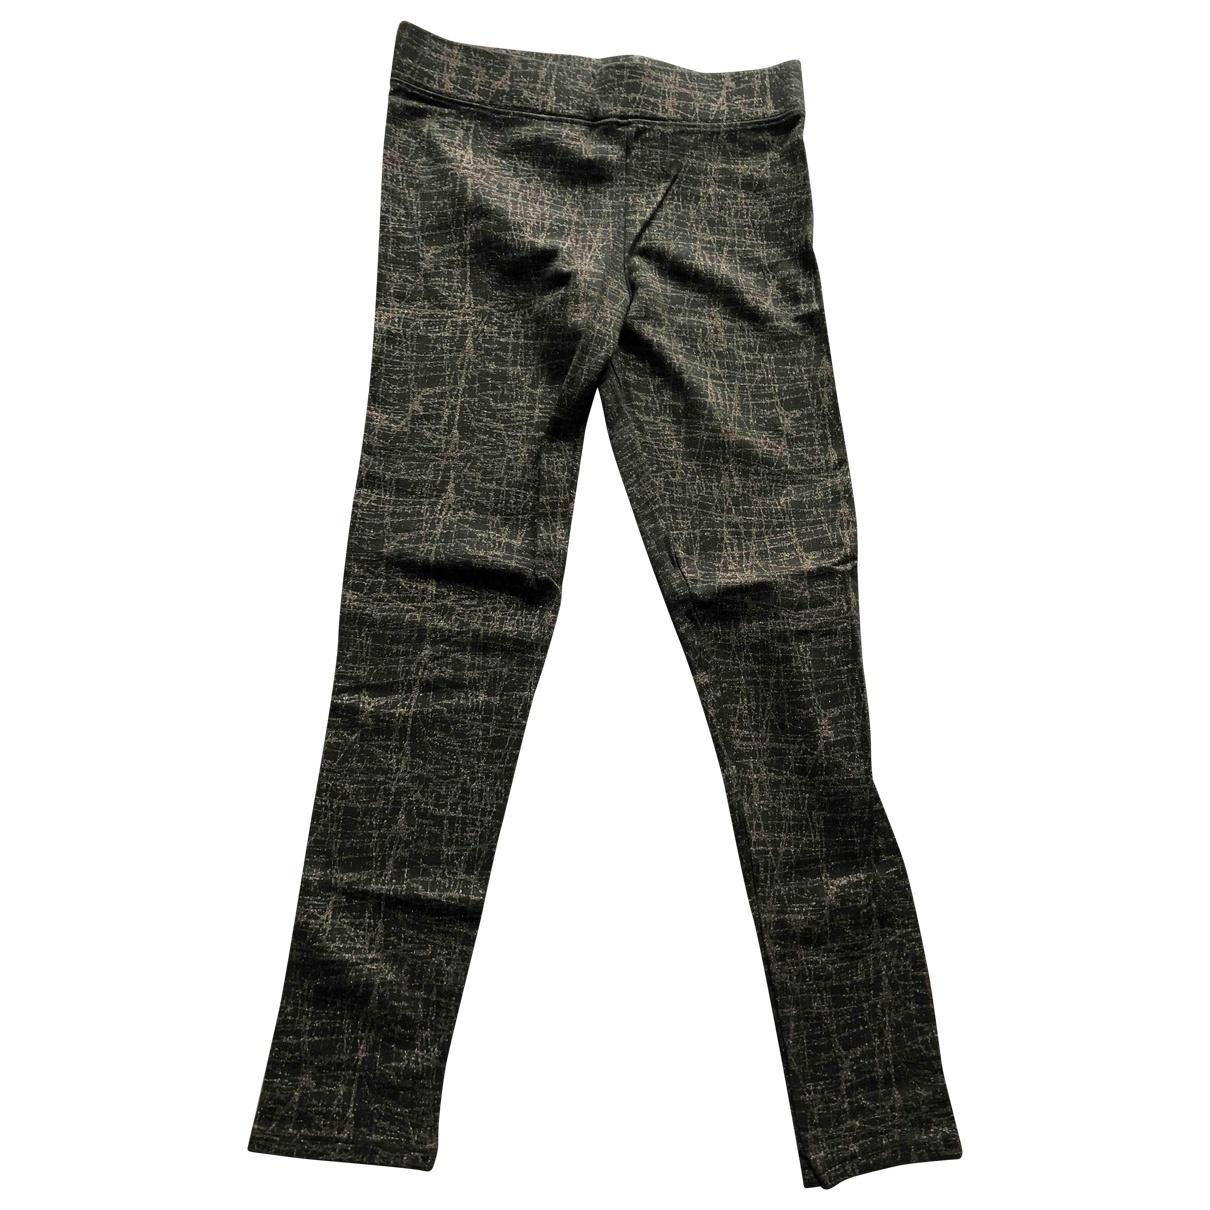 Bellerose - Pantalon   pour enfant - multicolore